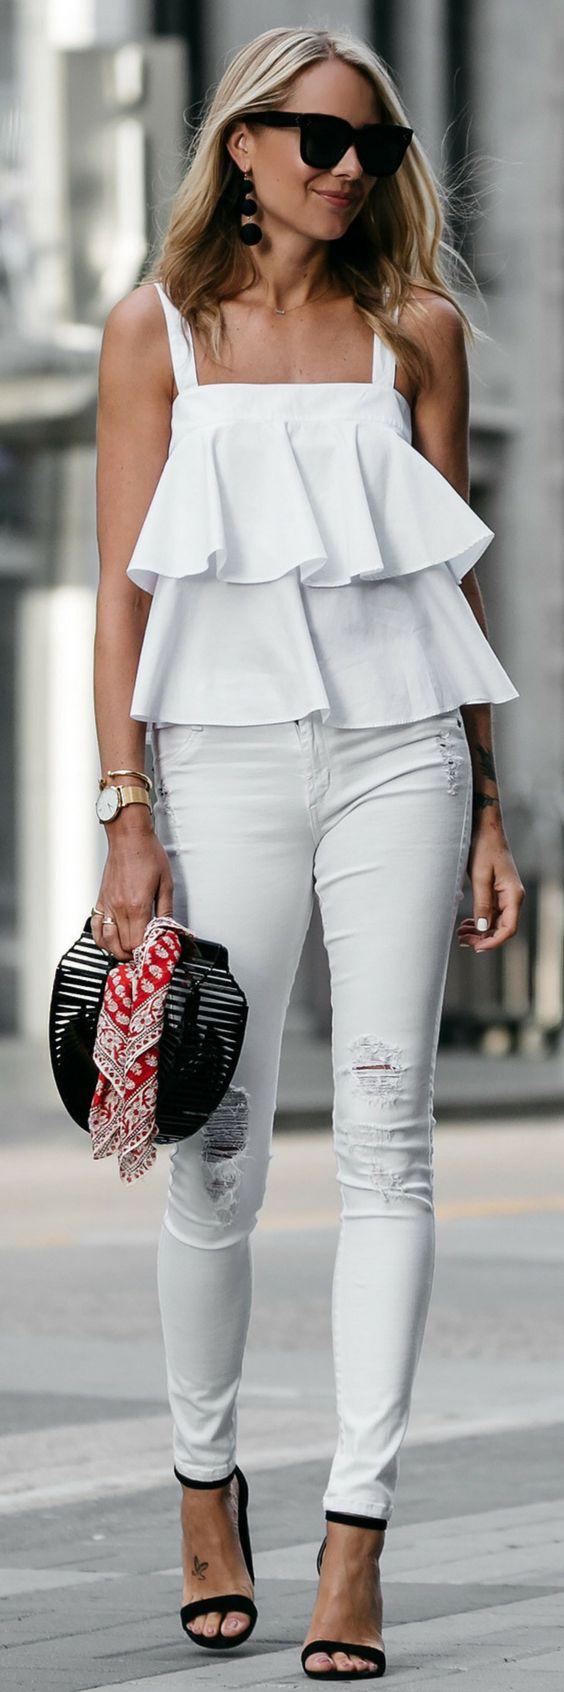 white blouses (5)